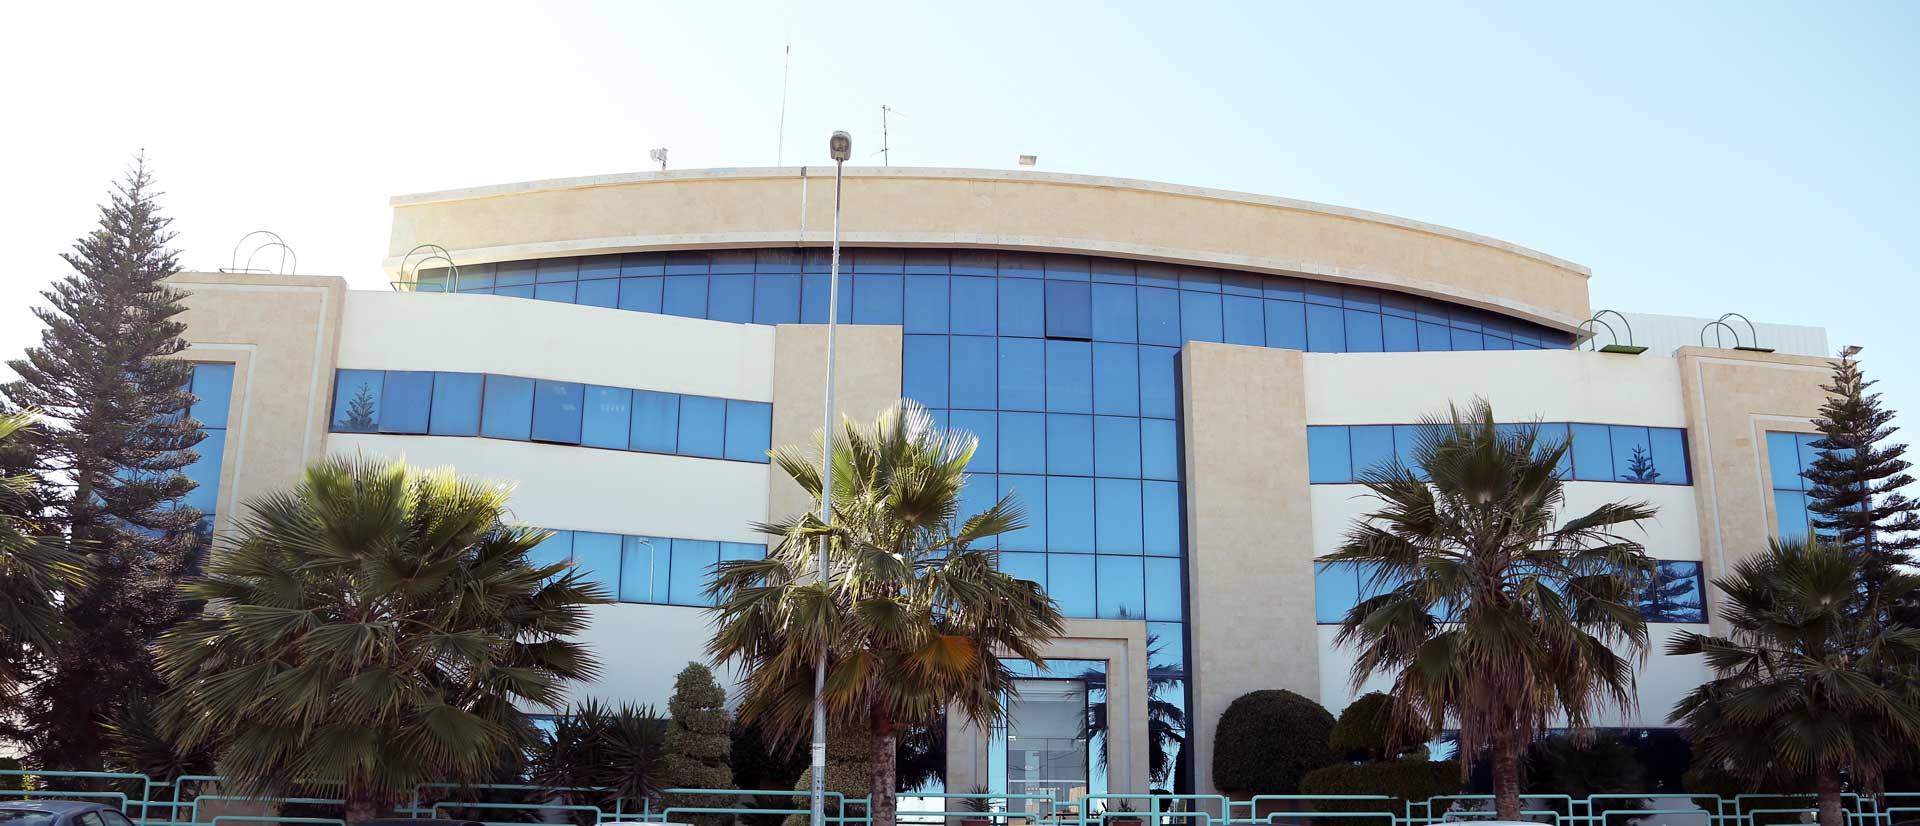 Cis Confection - Tunisie